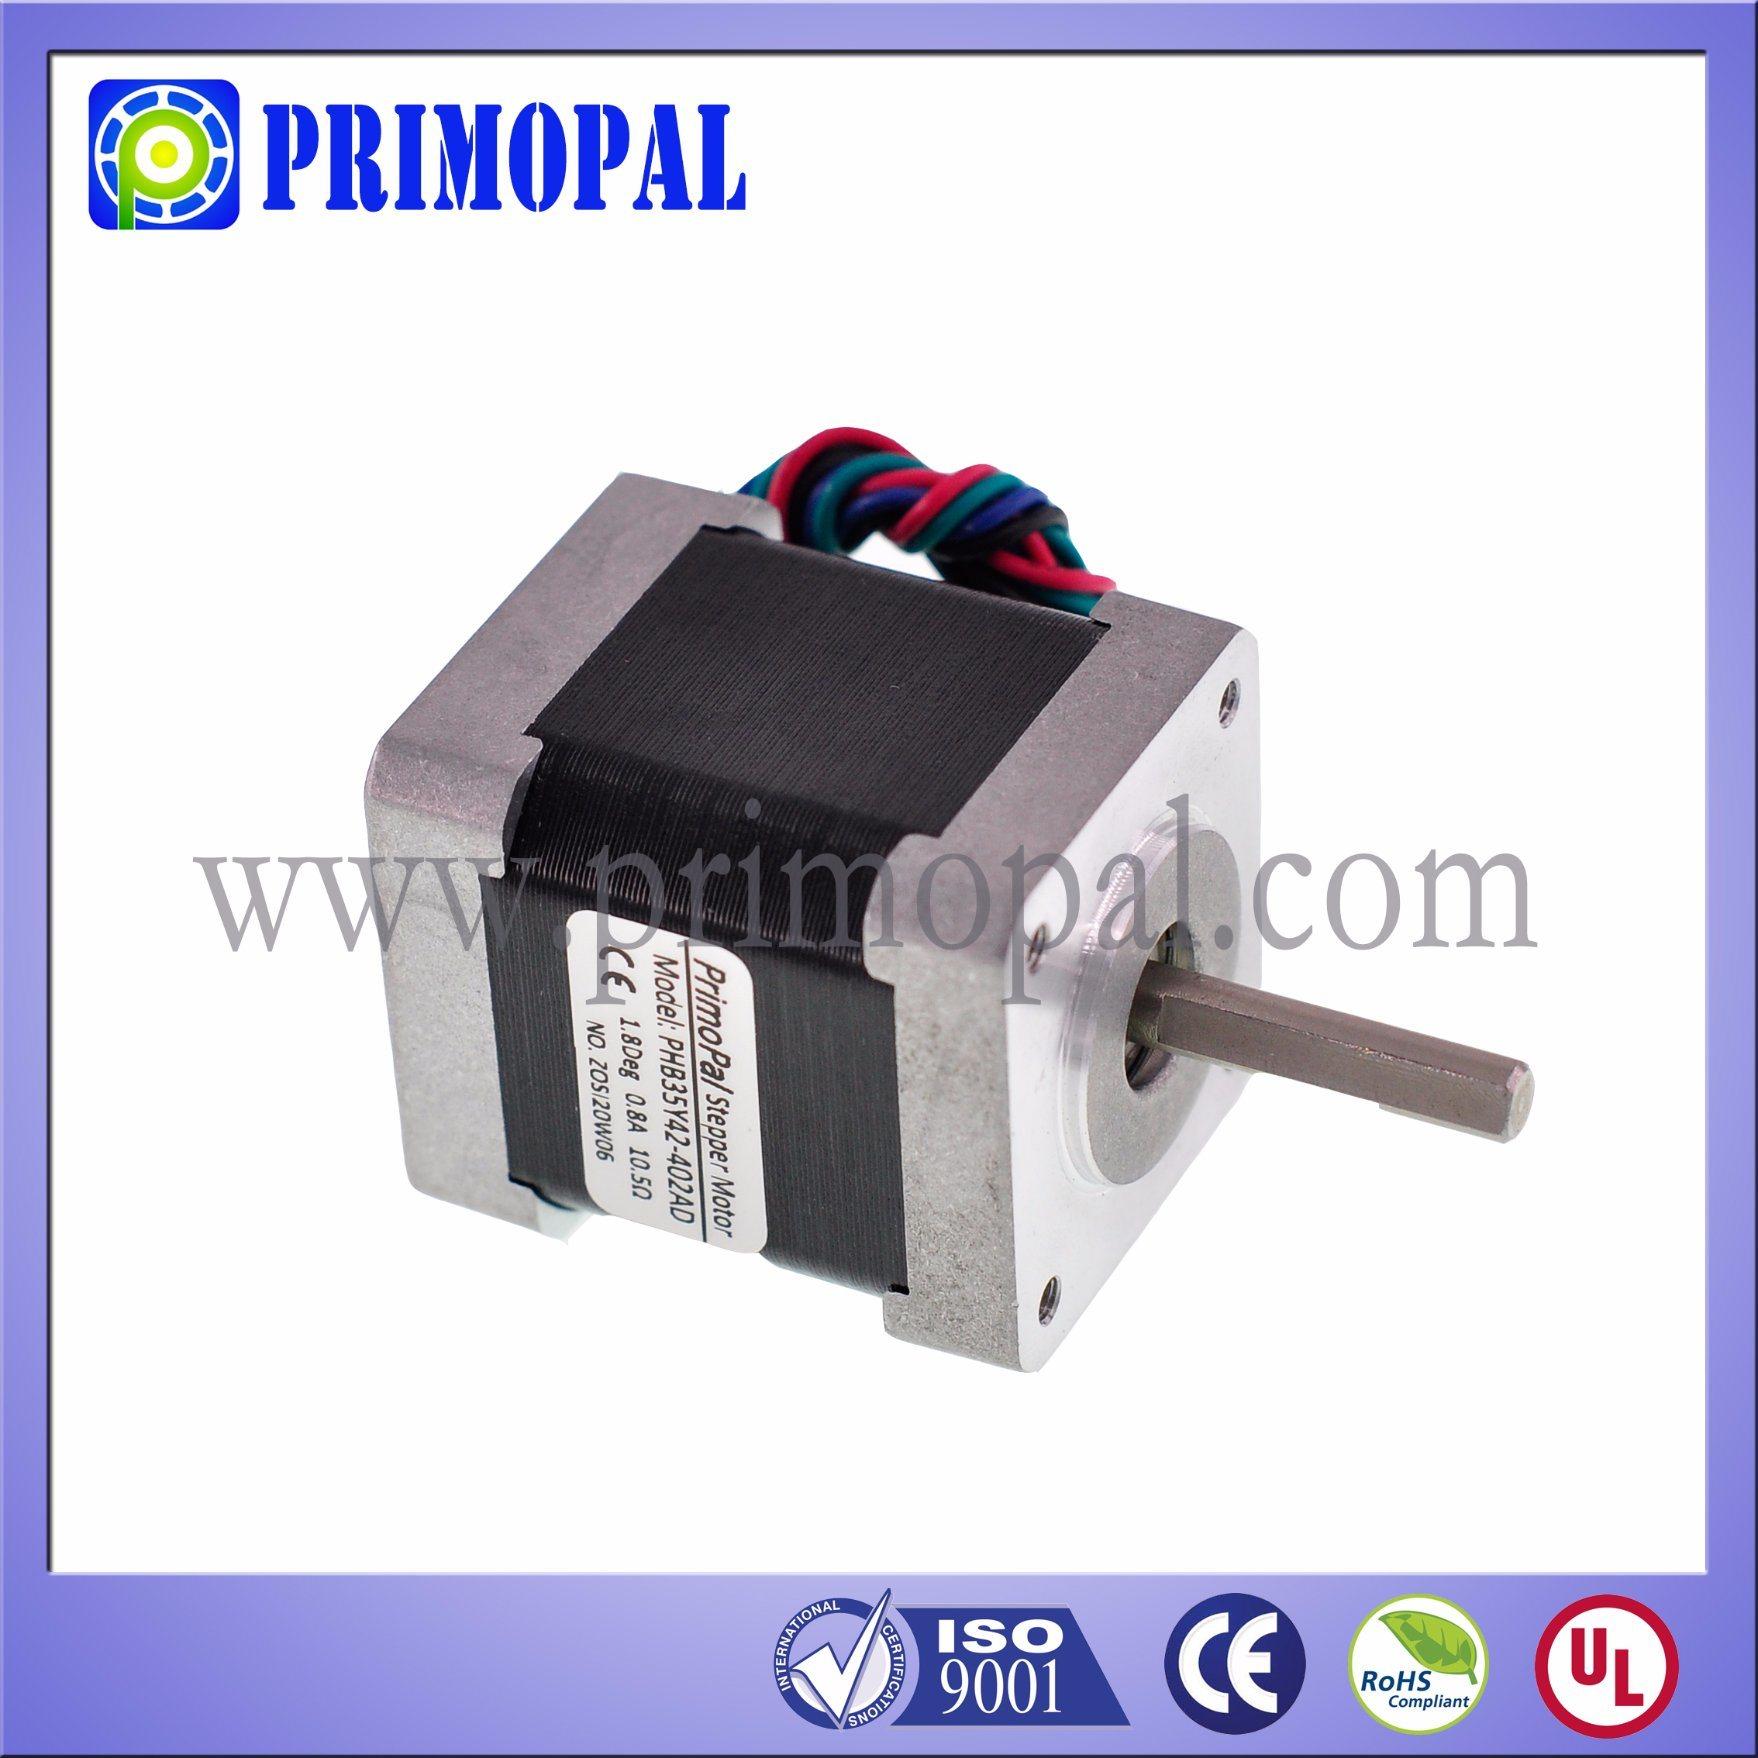 1.8 Degree NEMA 14 Stepper Motor for 3D Printer